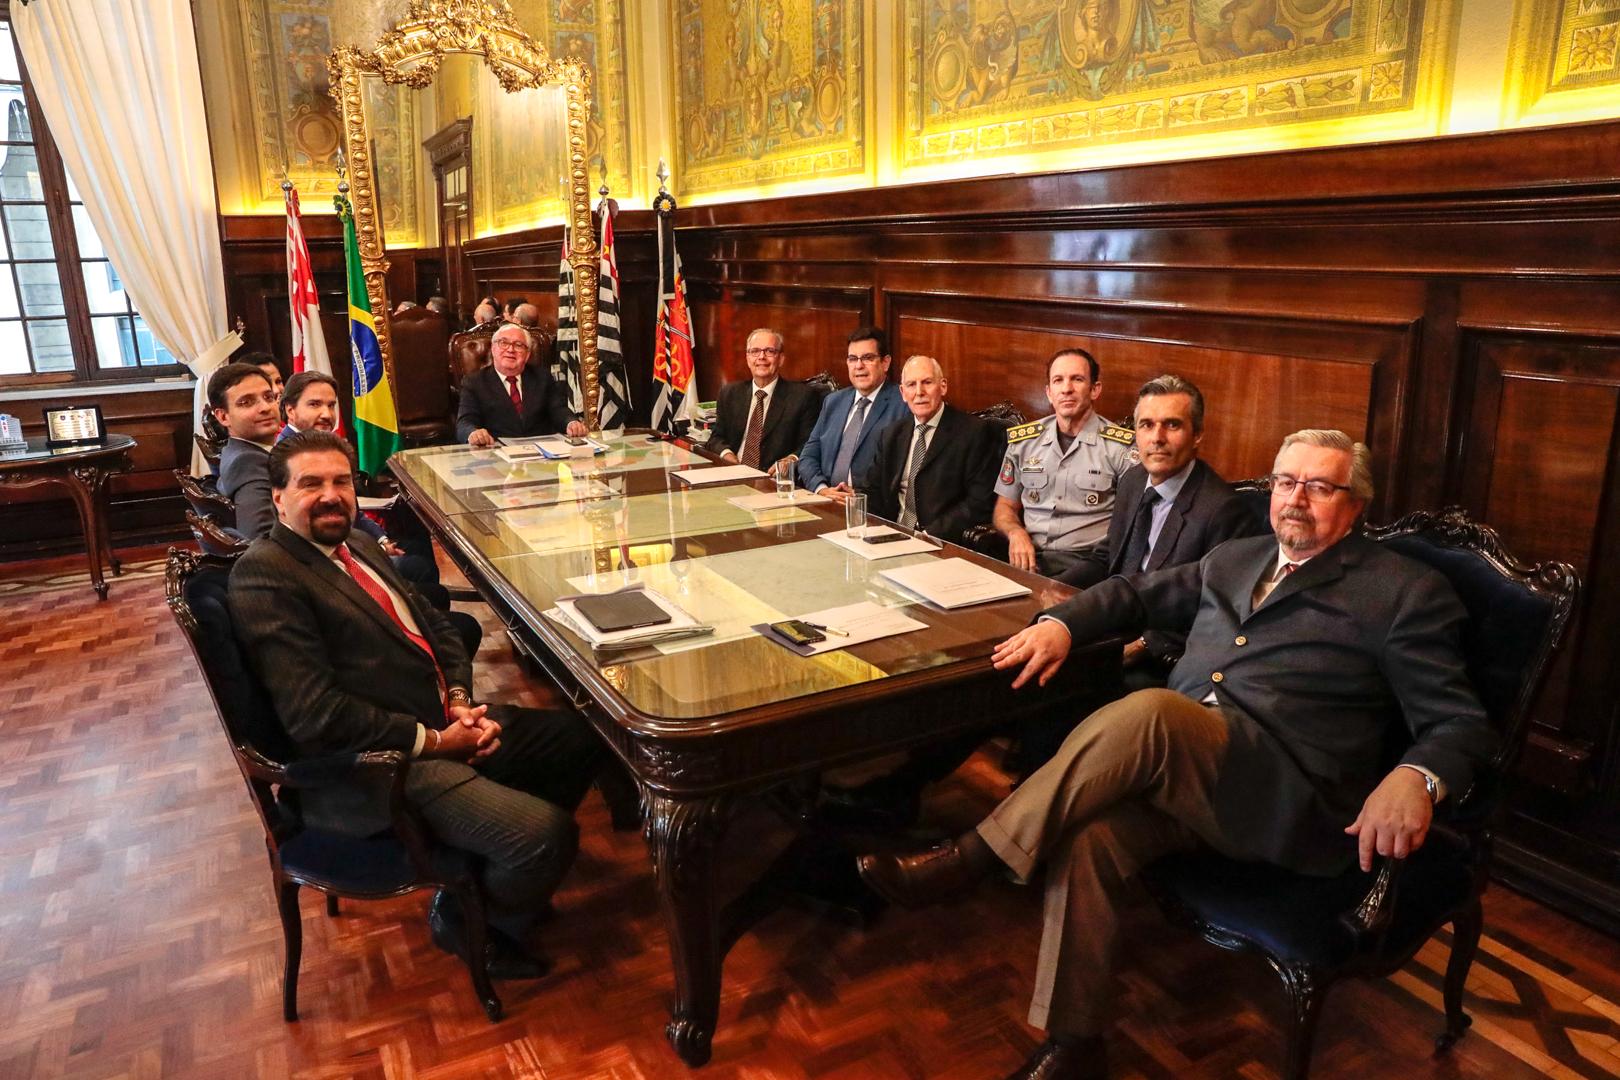 Polícia Civil atua em parceria com o Poder Judiciário